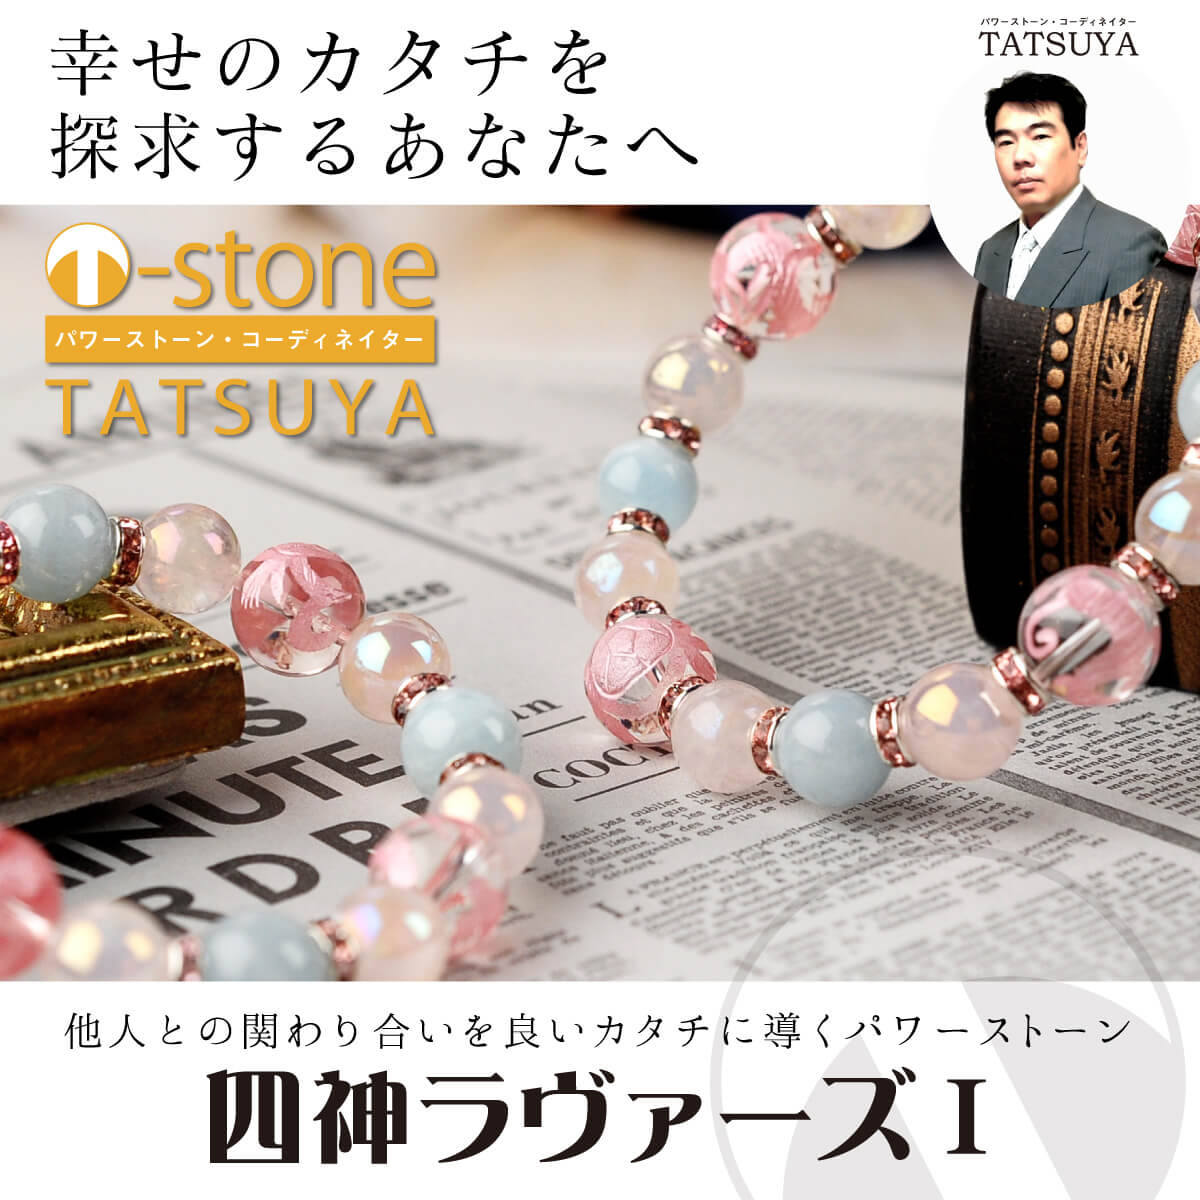 【T-stone】 四神ラヴァーズ� ≫オーダーメイドの開運ブレスレット→幸せの探求 開運グッズ